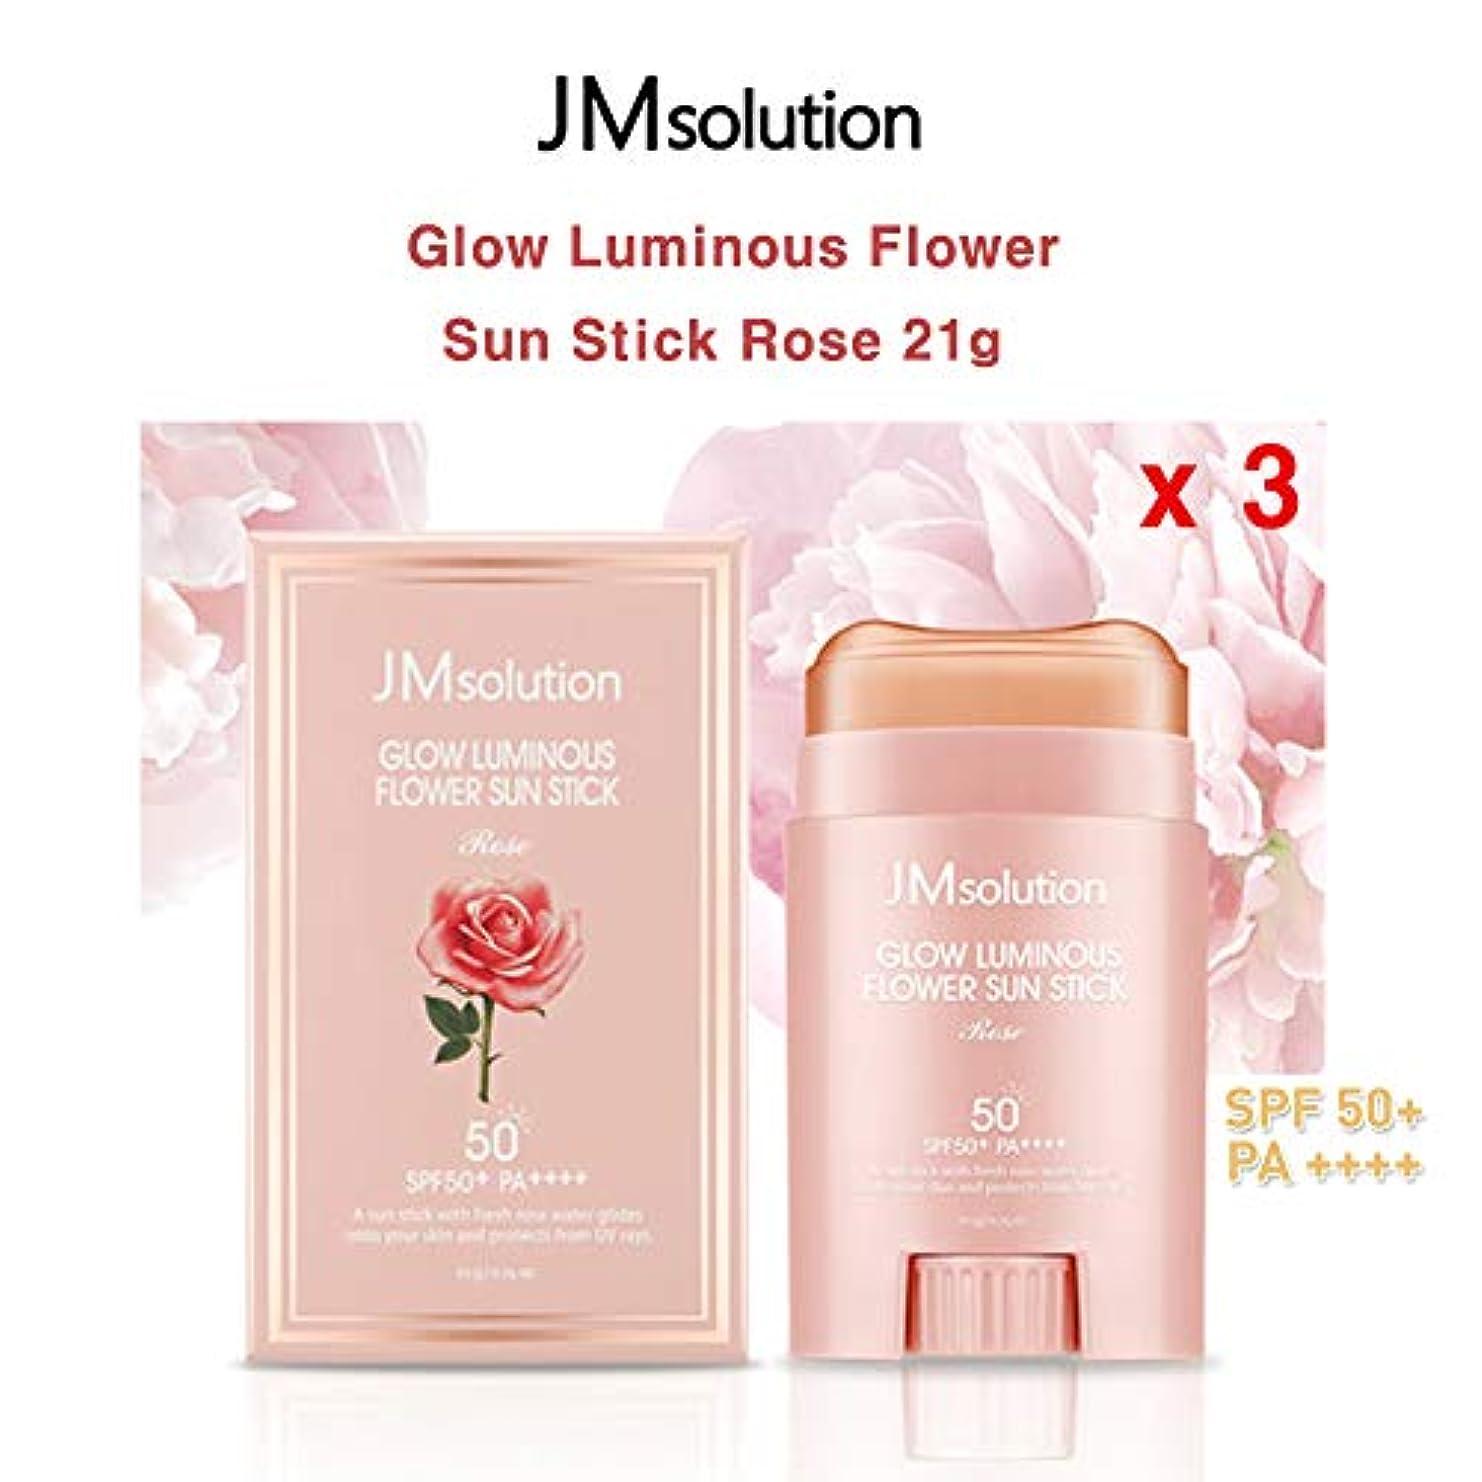 金曜日追加容量JM Solution ★1+1+1★ Glow Luminous Flower Sun Stick Rose 21g (spf50 PA) 光る輝く花Sun Stick Rose